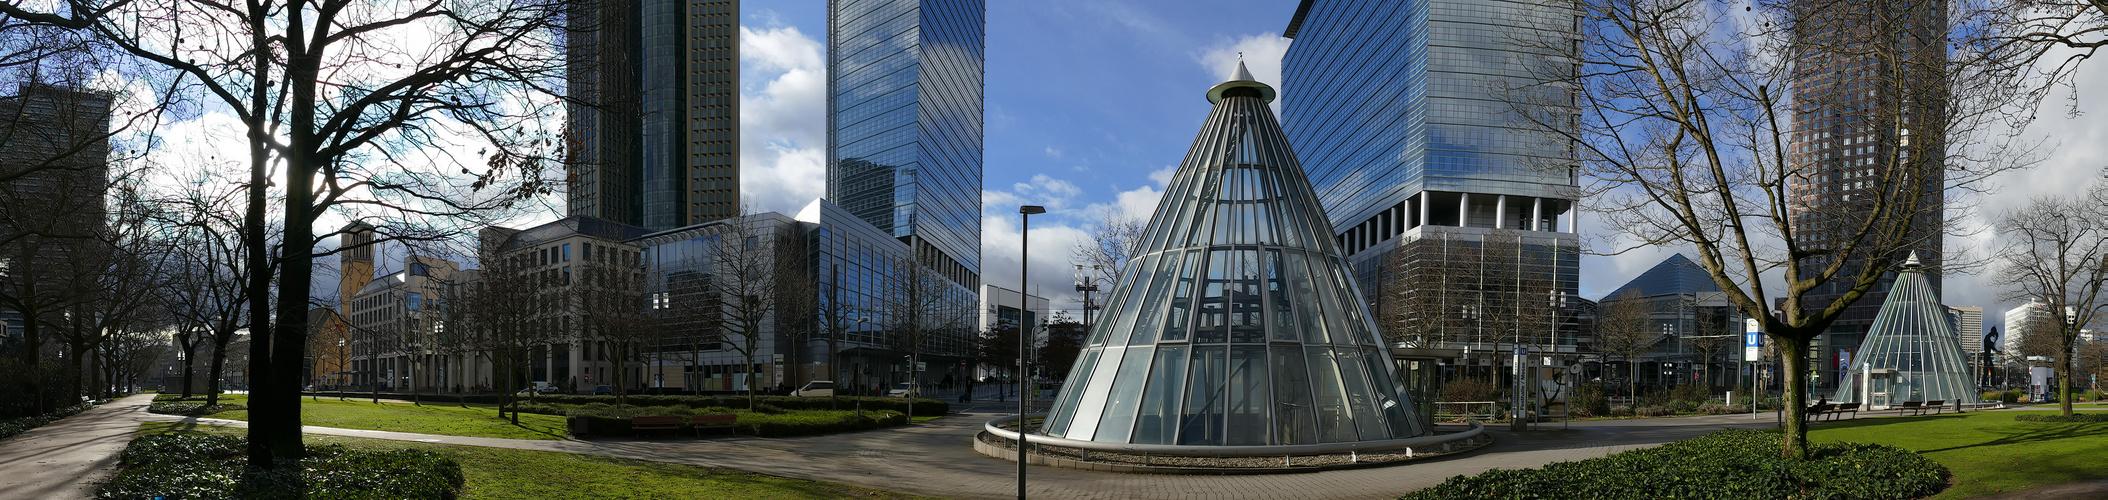 Die Pyramiden von Frankfurt